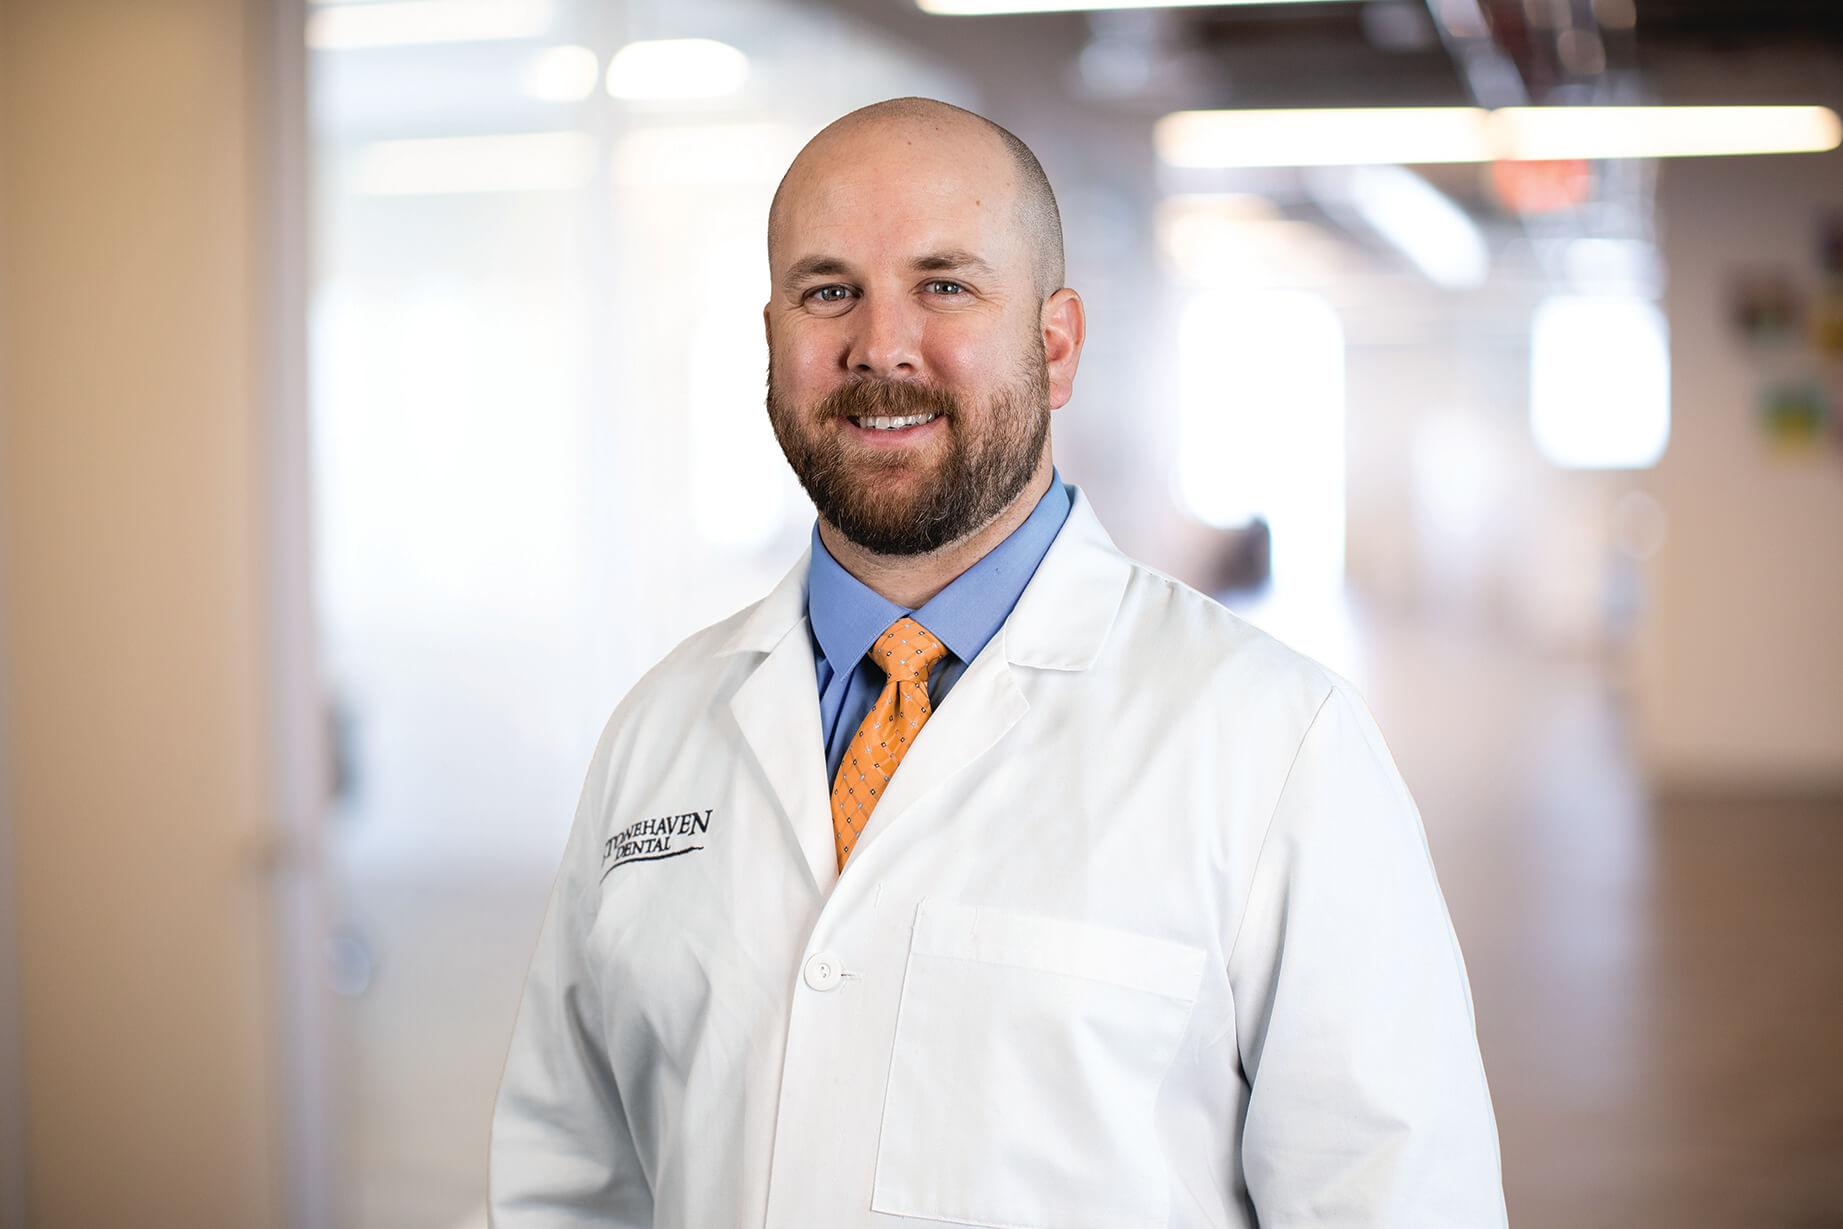 Dr. Jeff Plicka